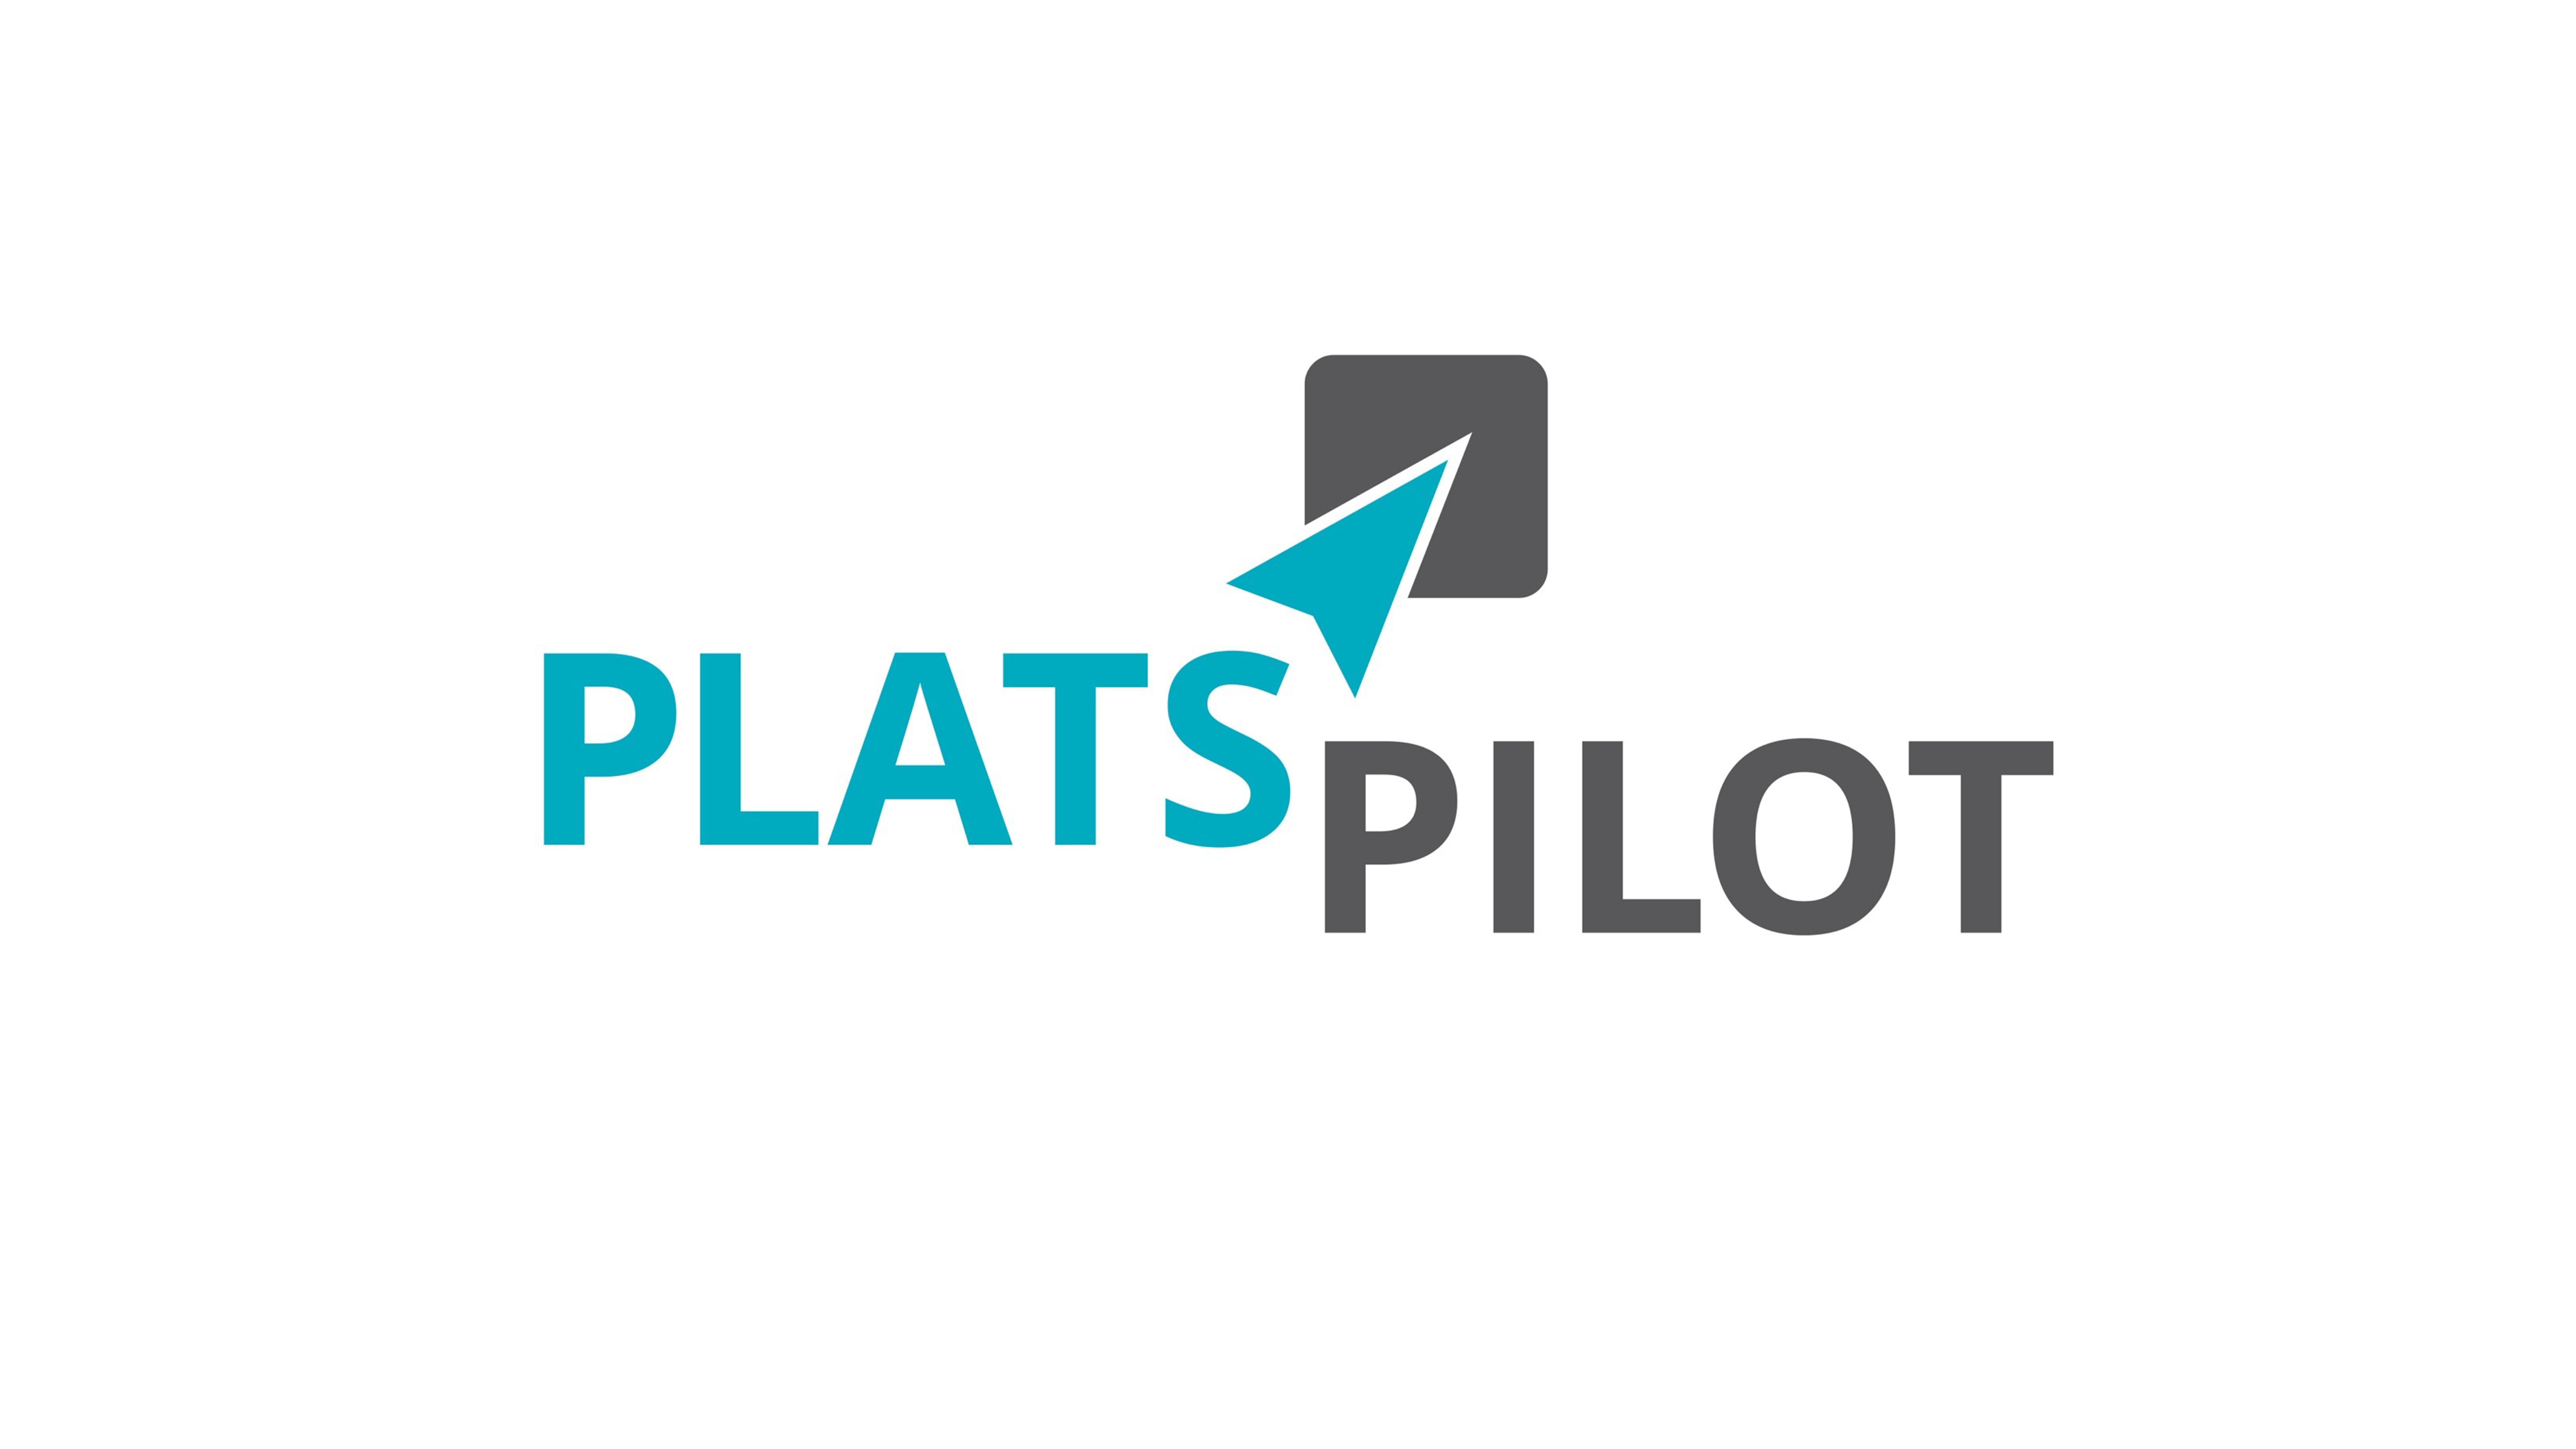 Platspilot